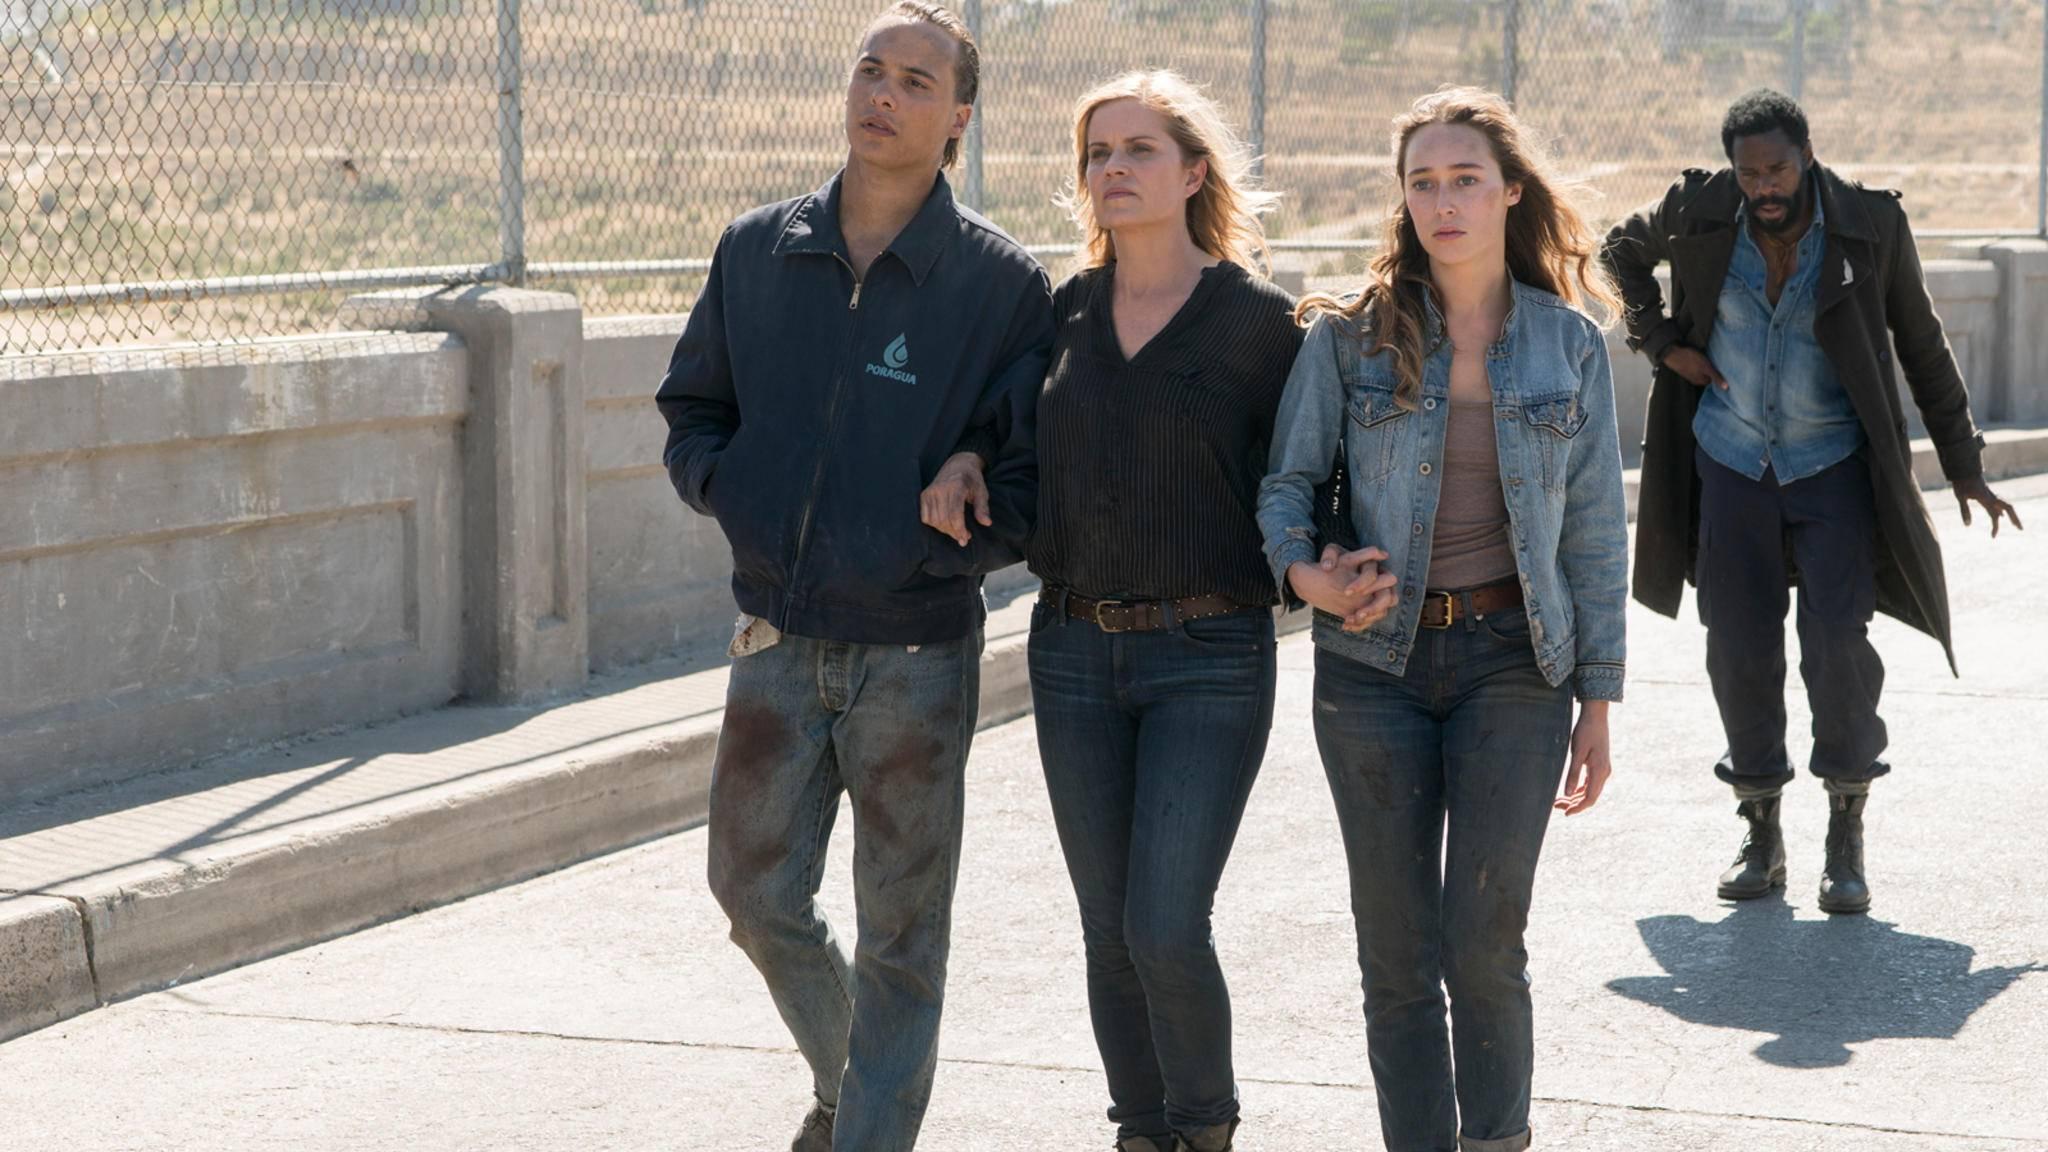 Das Finale von Staffel 3 könnte verraten haben, welche Stars aus TWD und FTWD aufeinandertreffen werden.